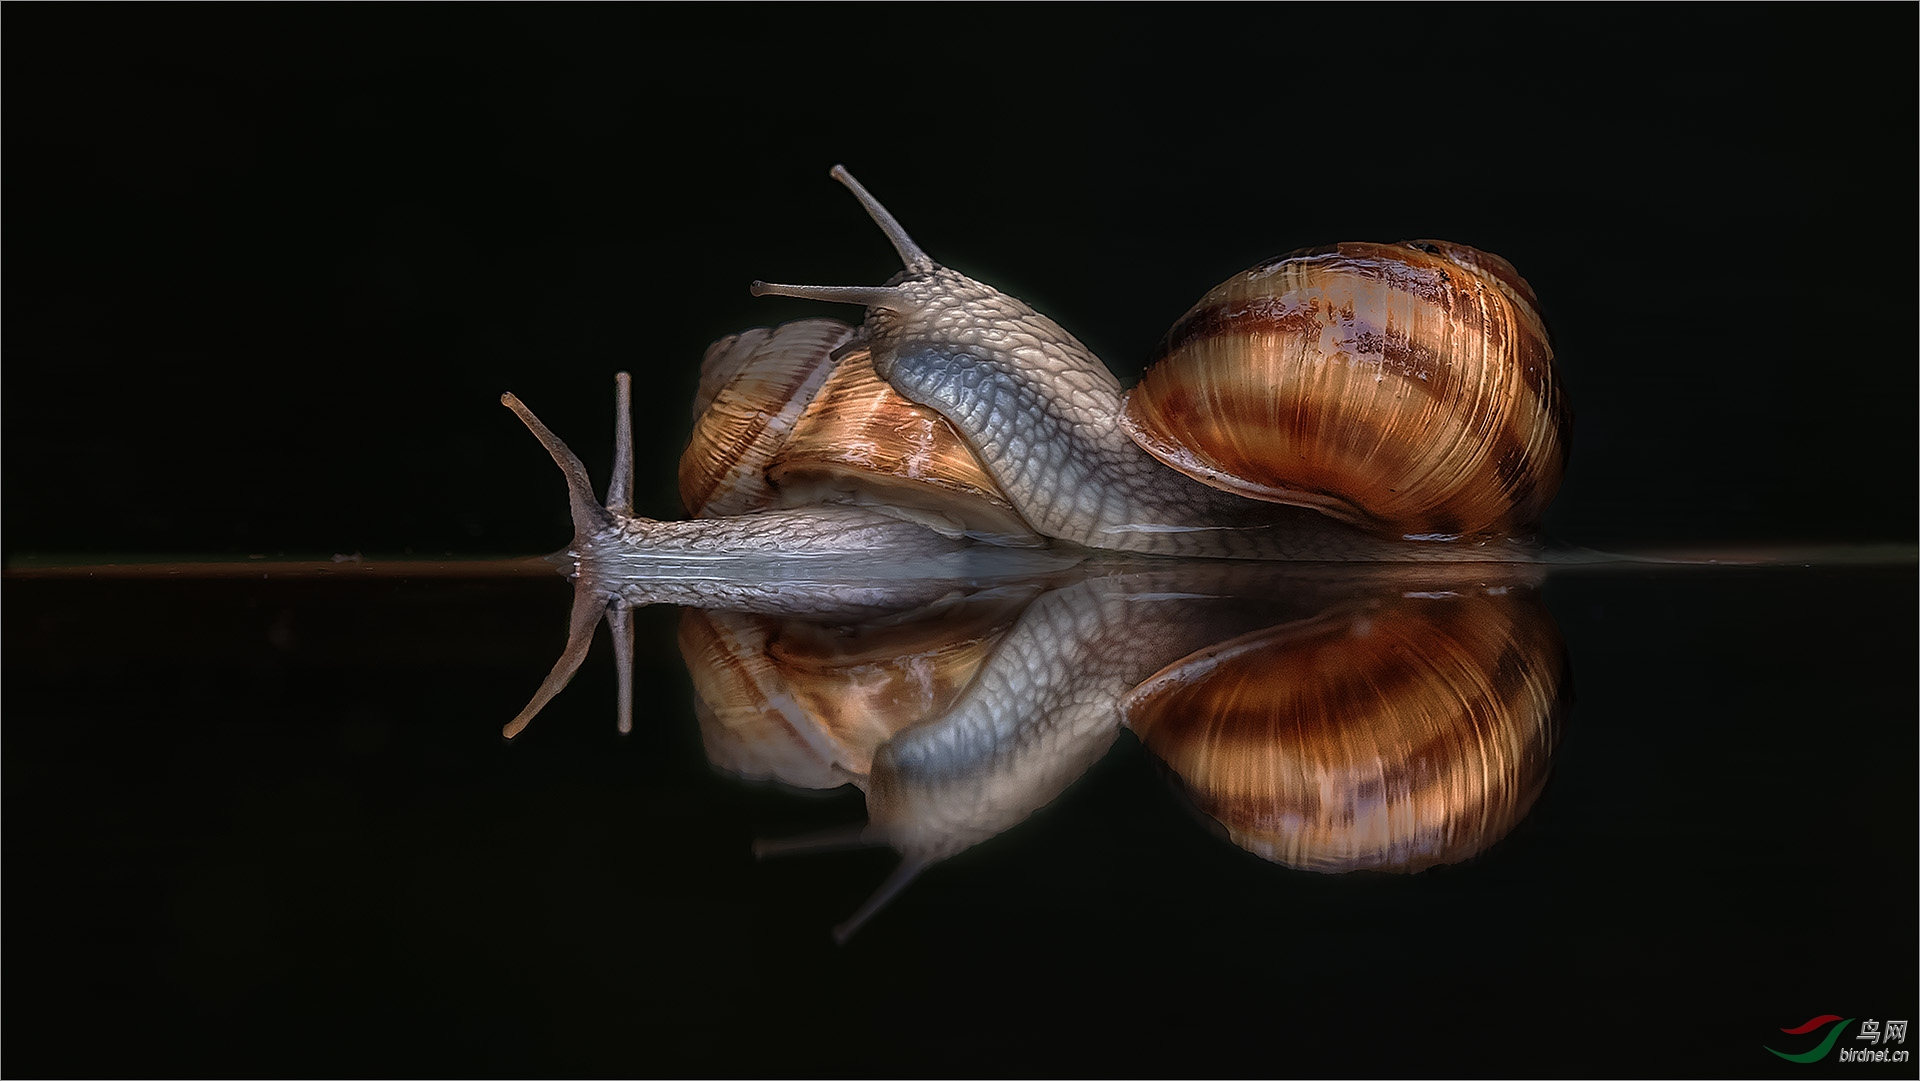 1166.爱的怀抱Richard Li-Snails in the water1.jpg